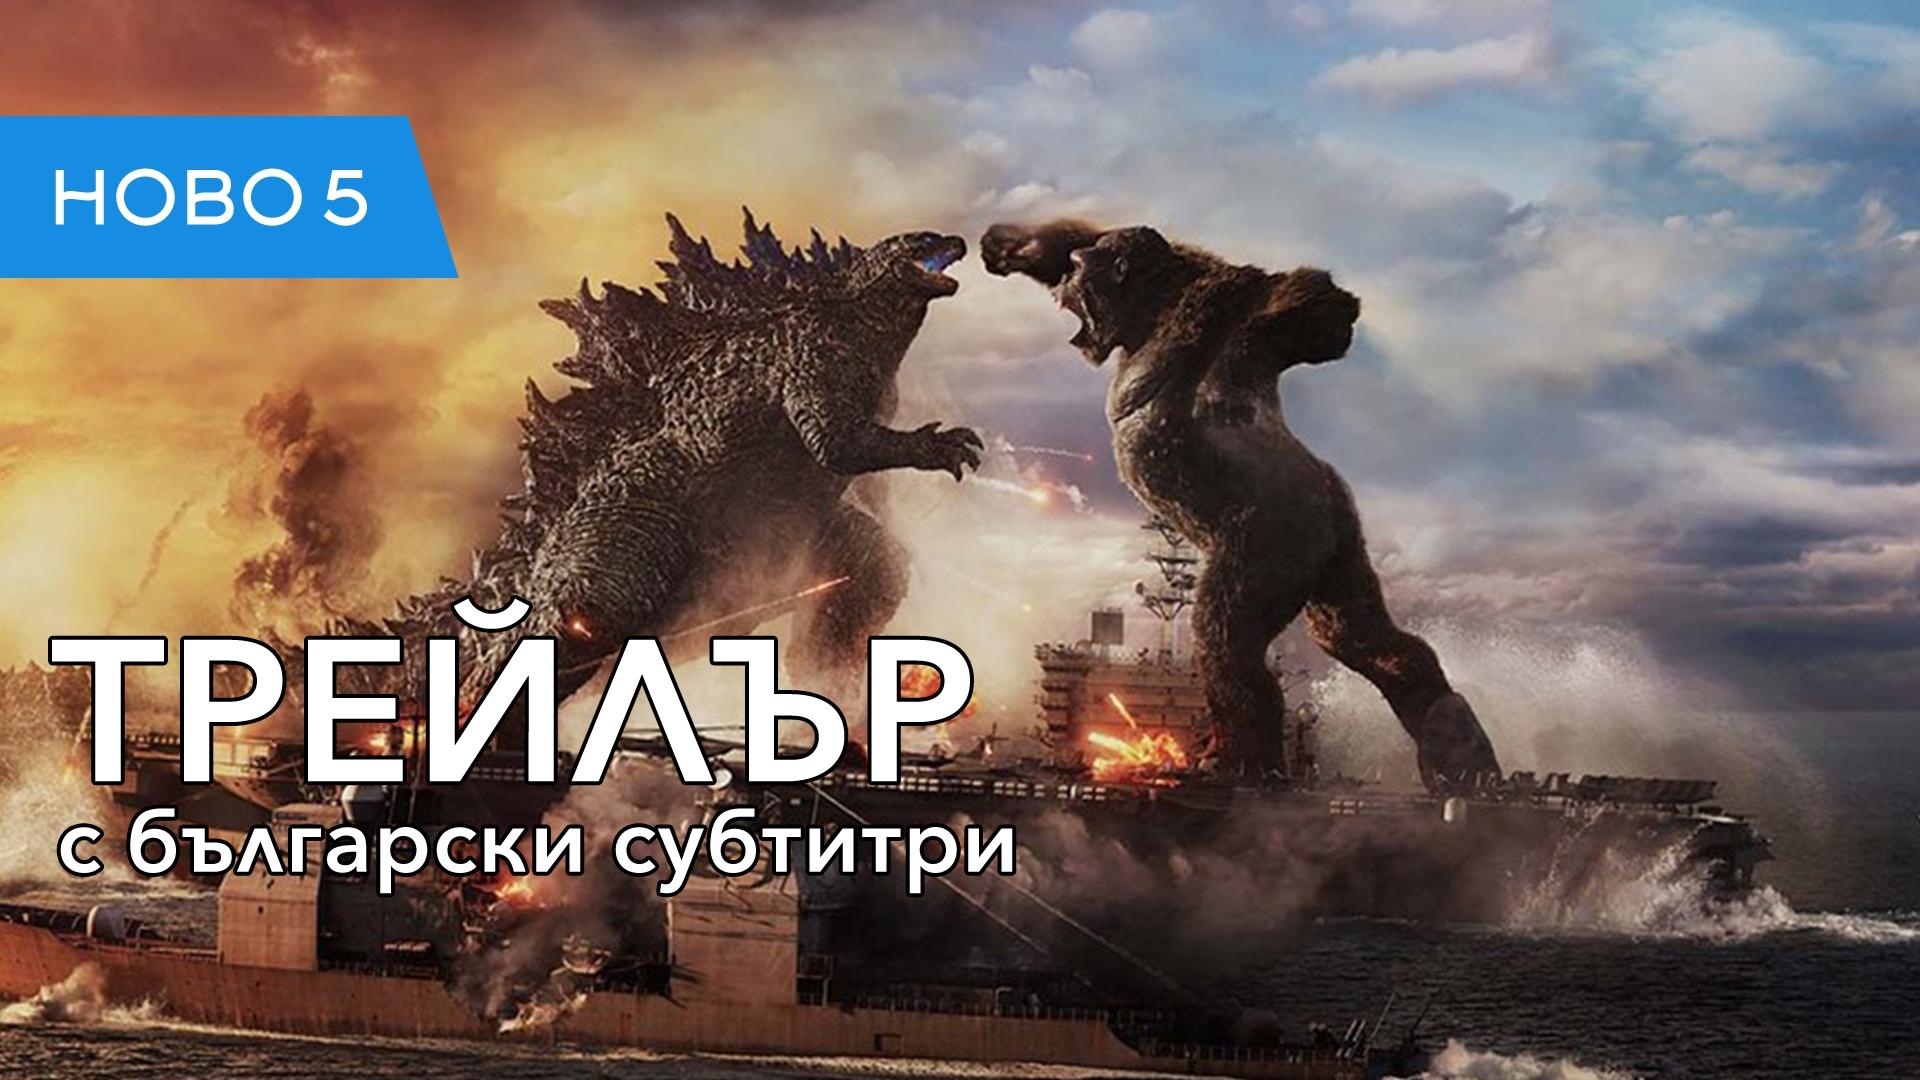 Годзила срещу Конг (2021) трейлър с български субтитри